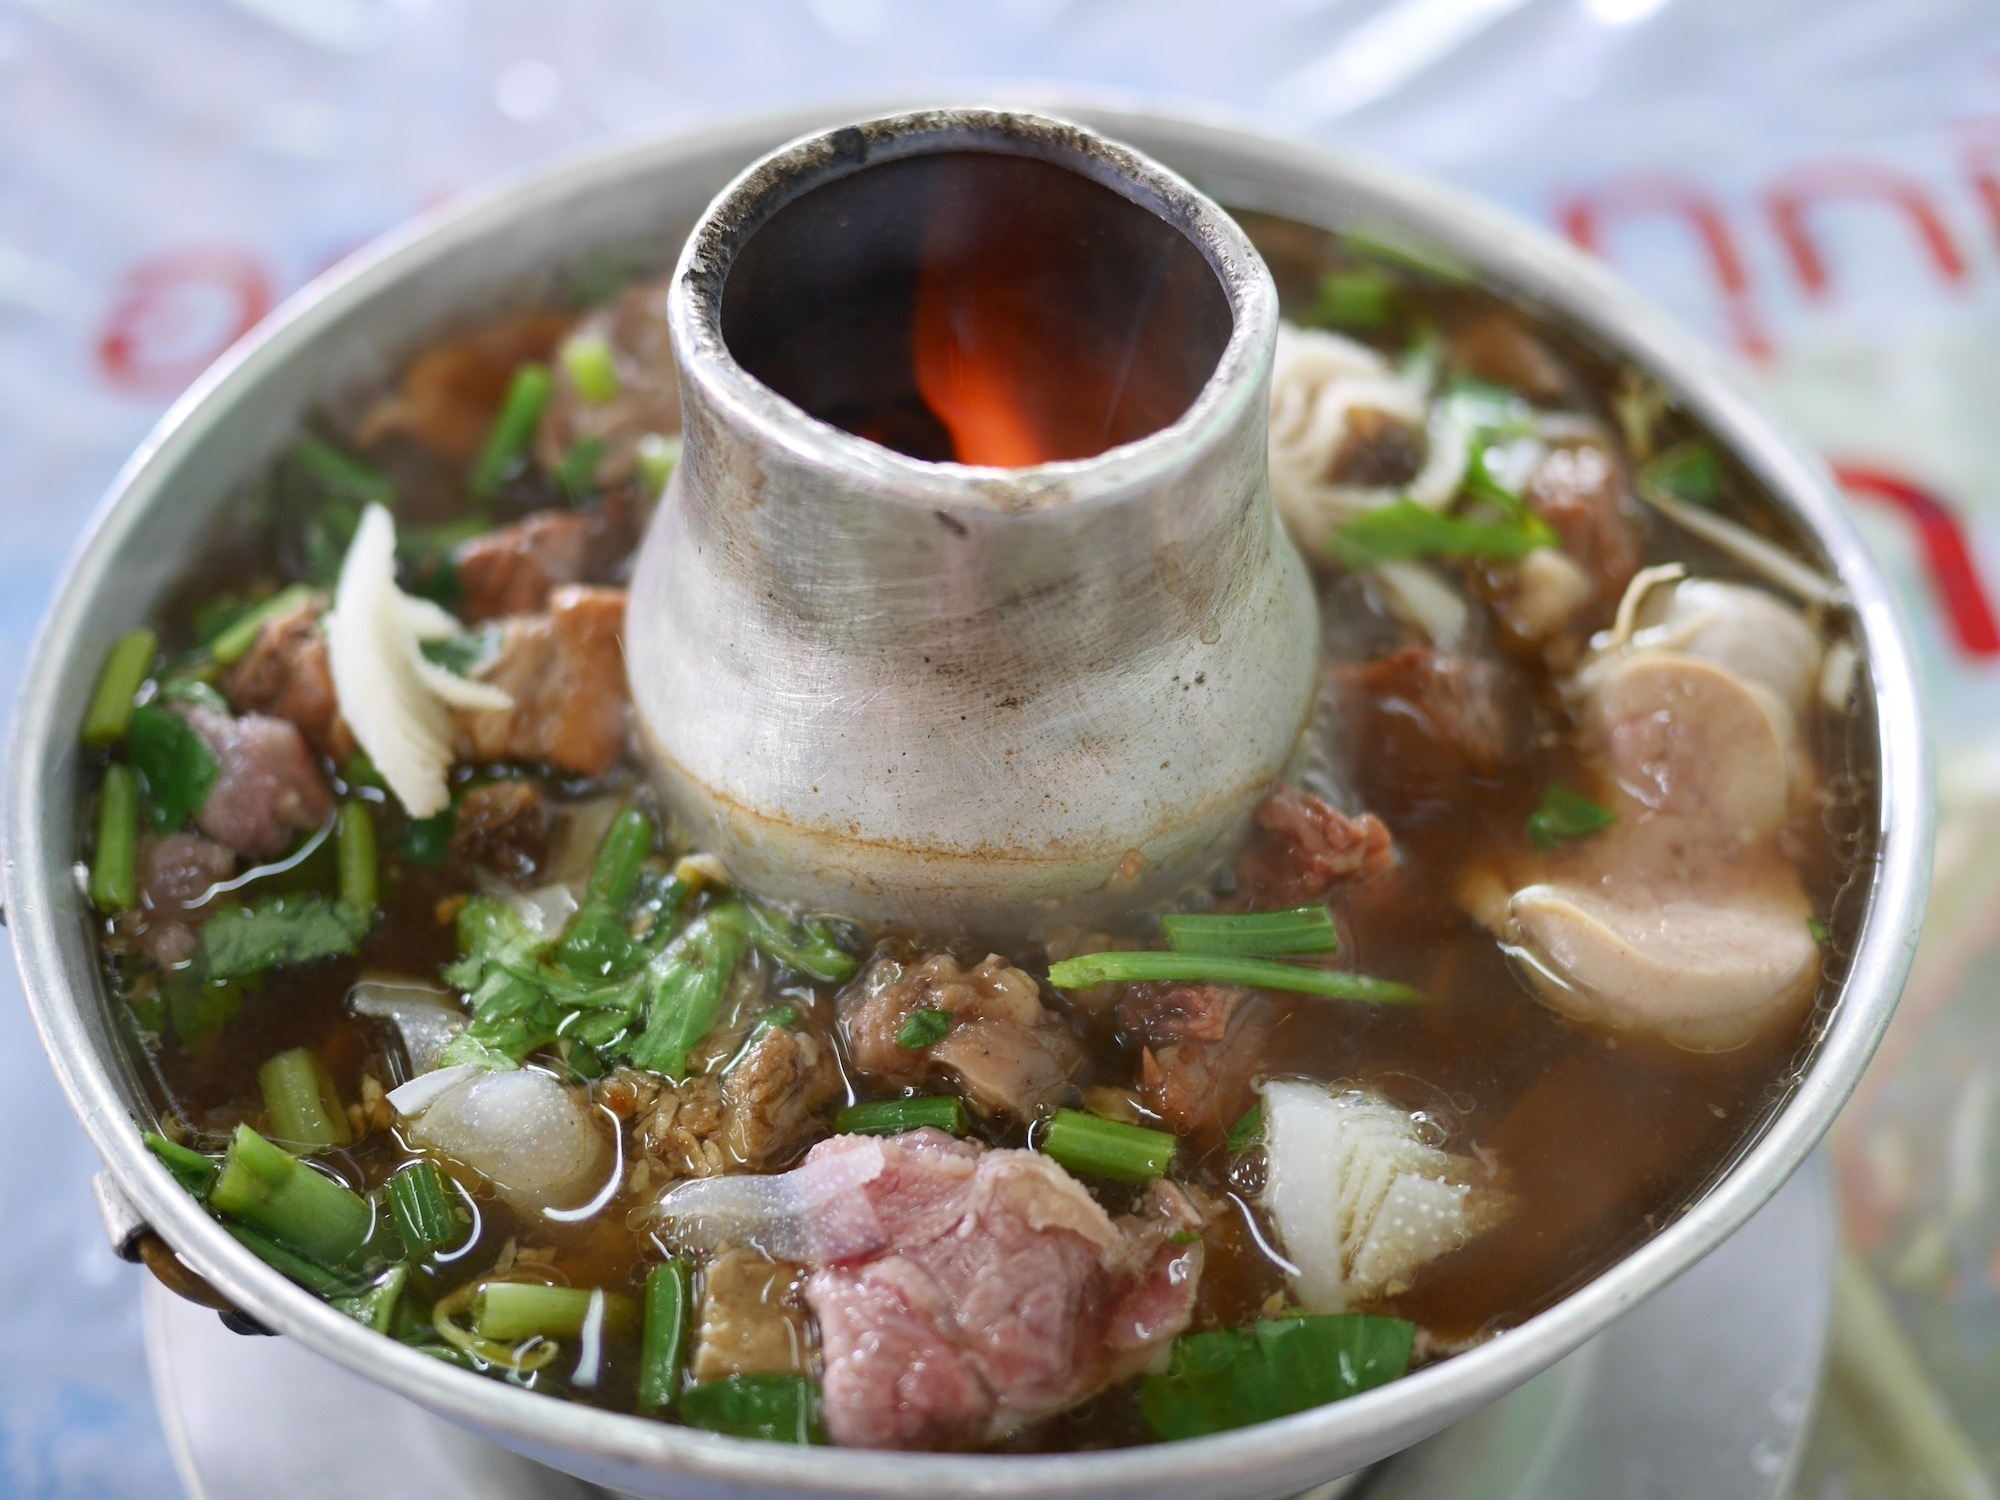 タイ料理、至高の鍋!「ヘンチュンセン」で食べる『ヌアトゥンモーファイ』